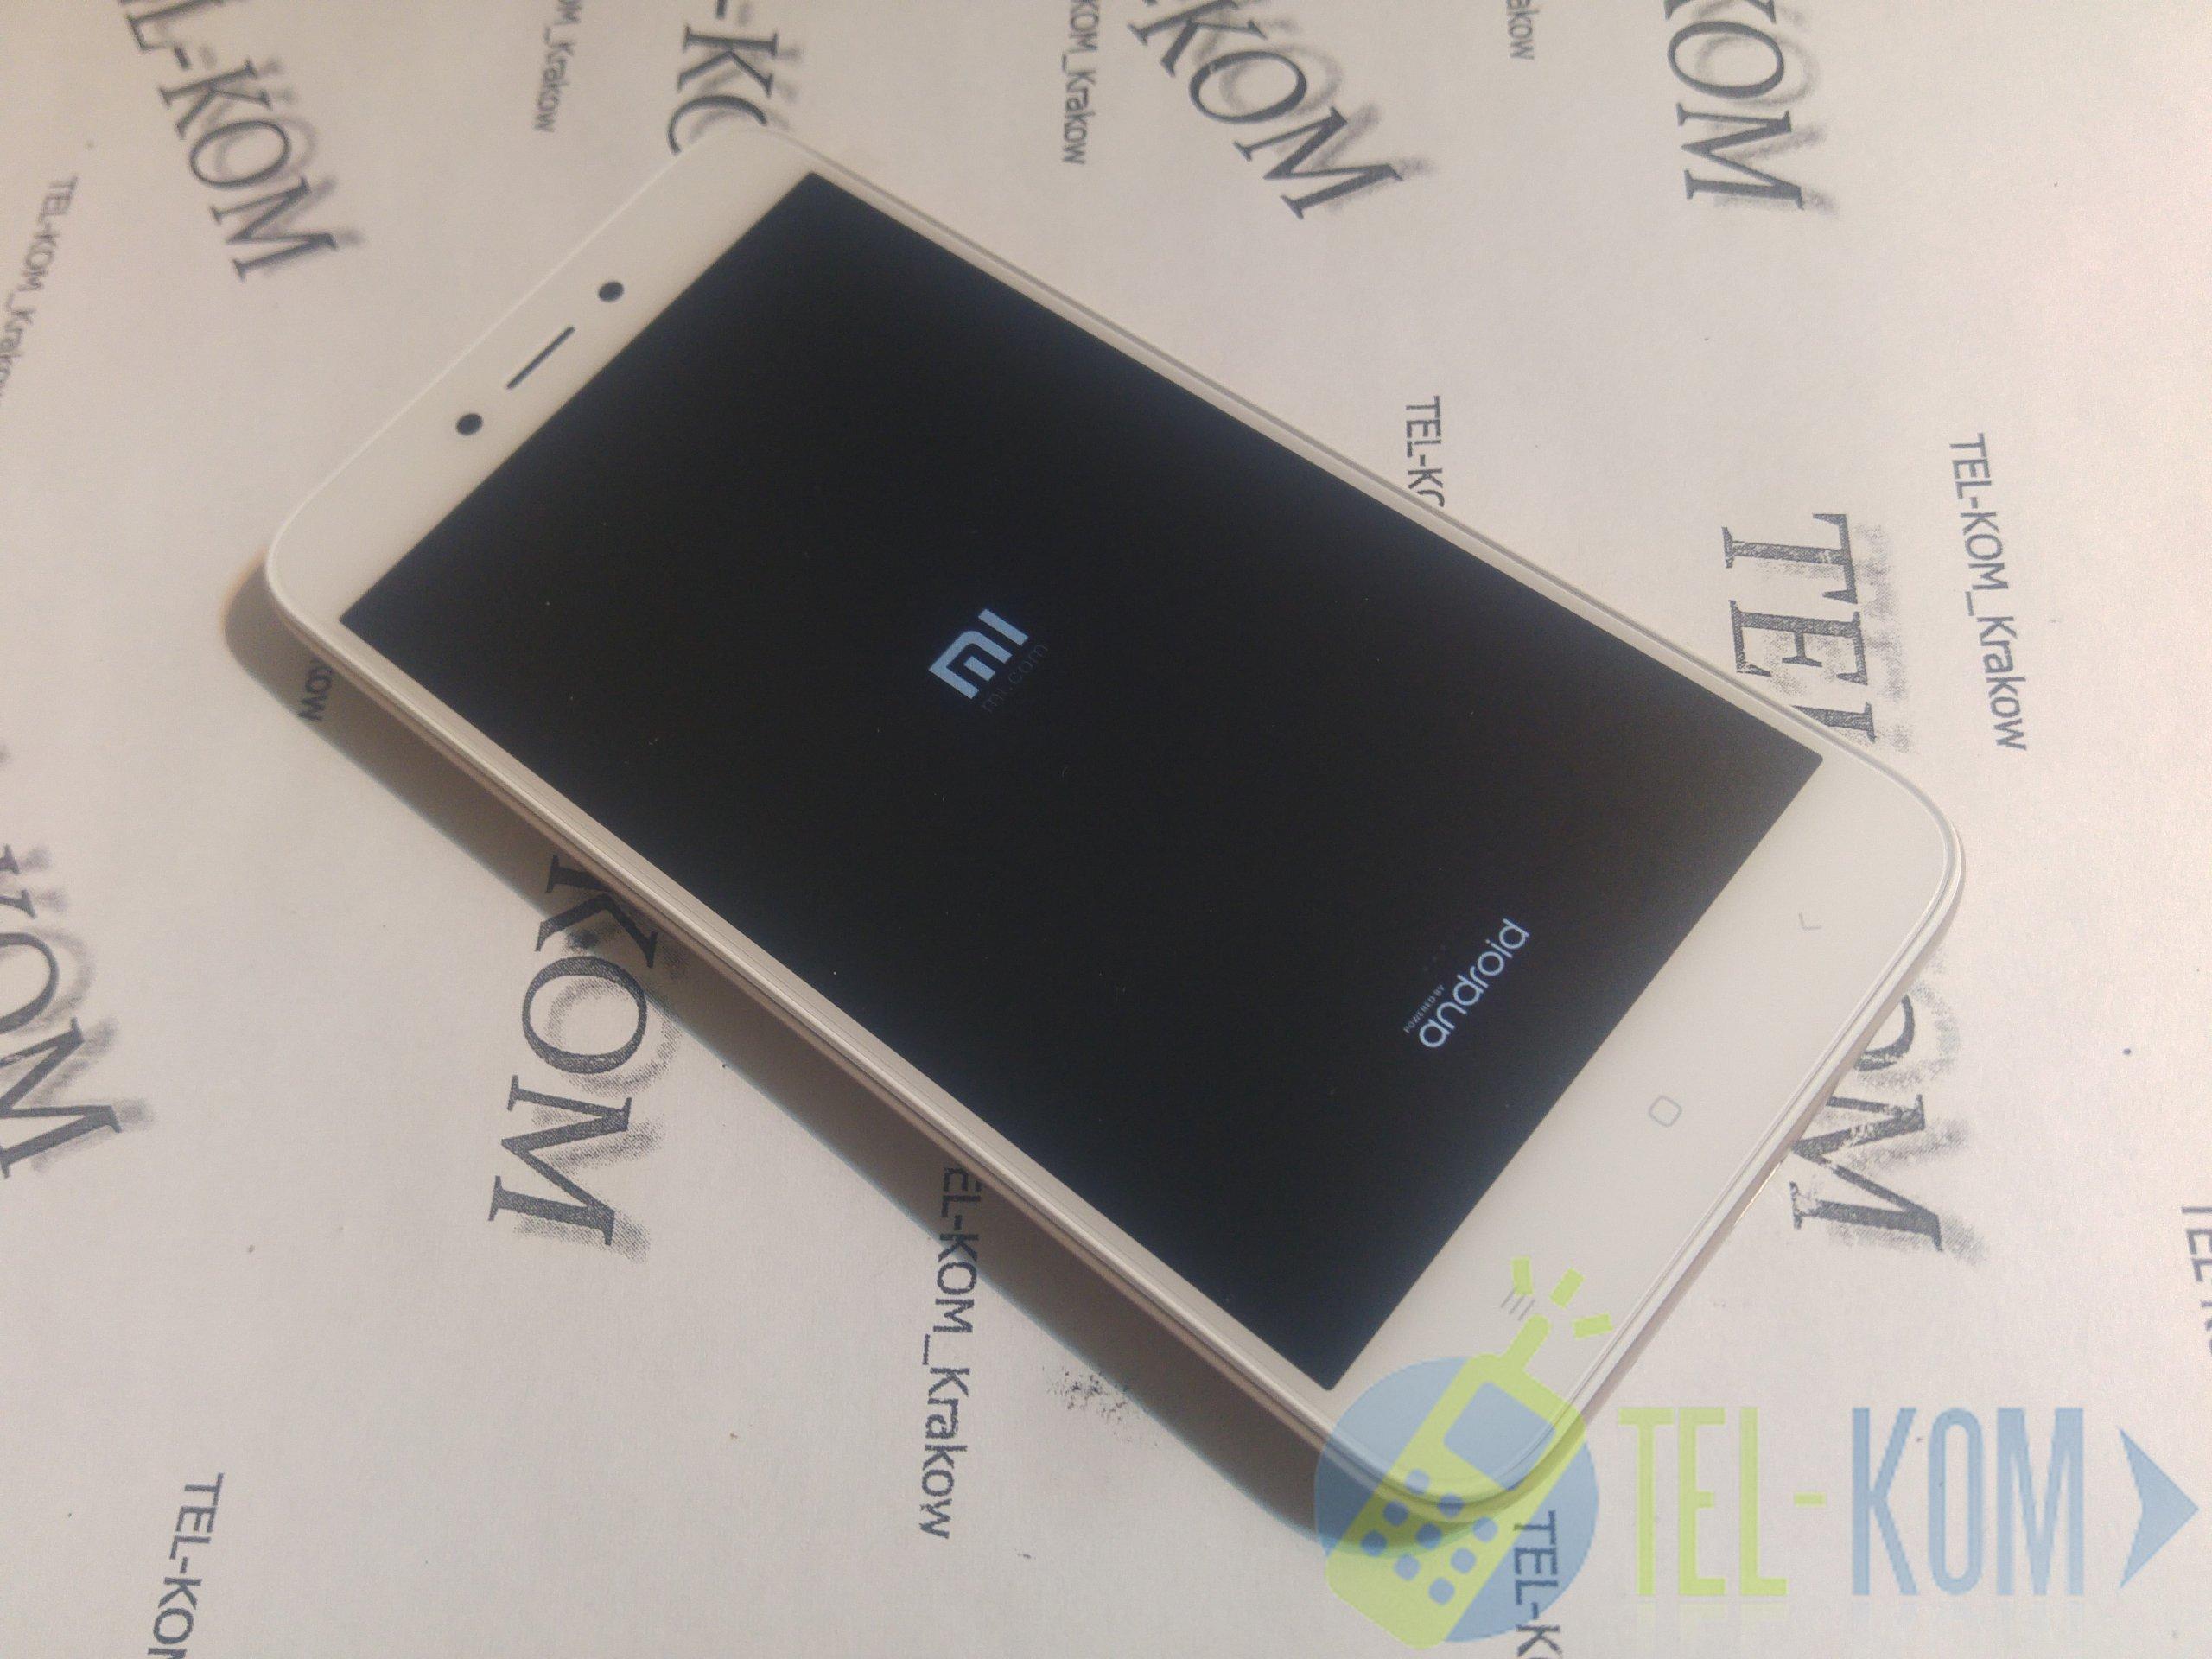 XIAOMI REDMI 5A 2GB 16GB DUAL SIM GOLD TEL KOM KRK